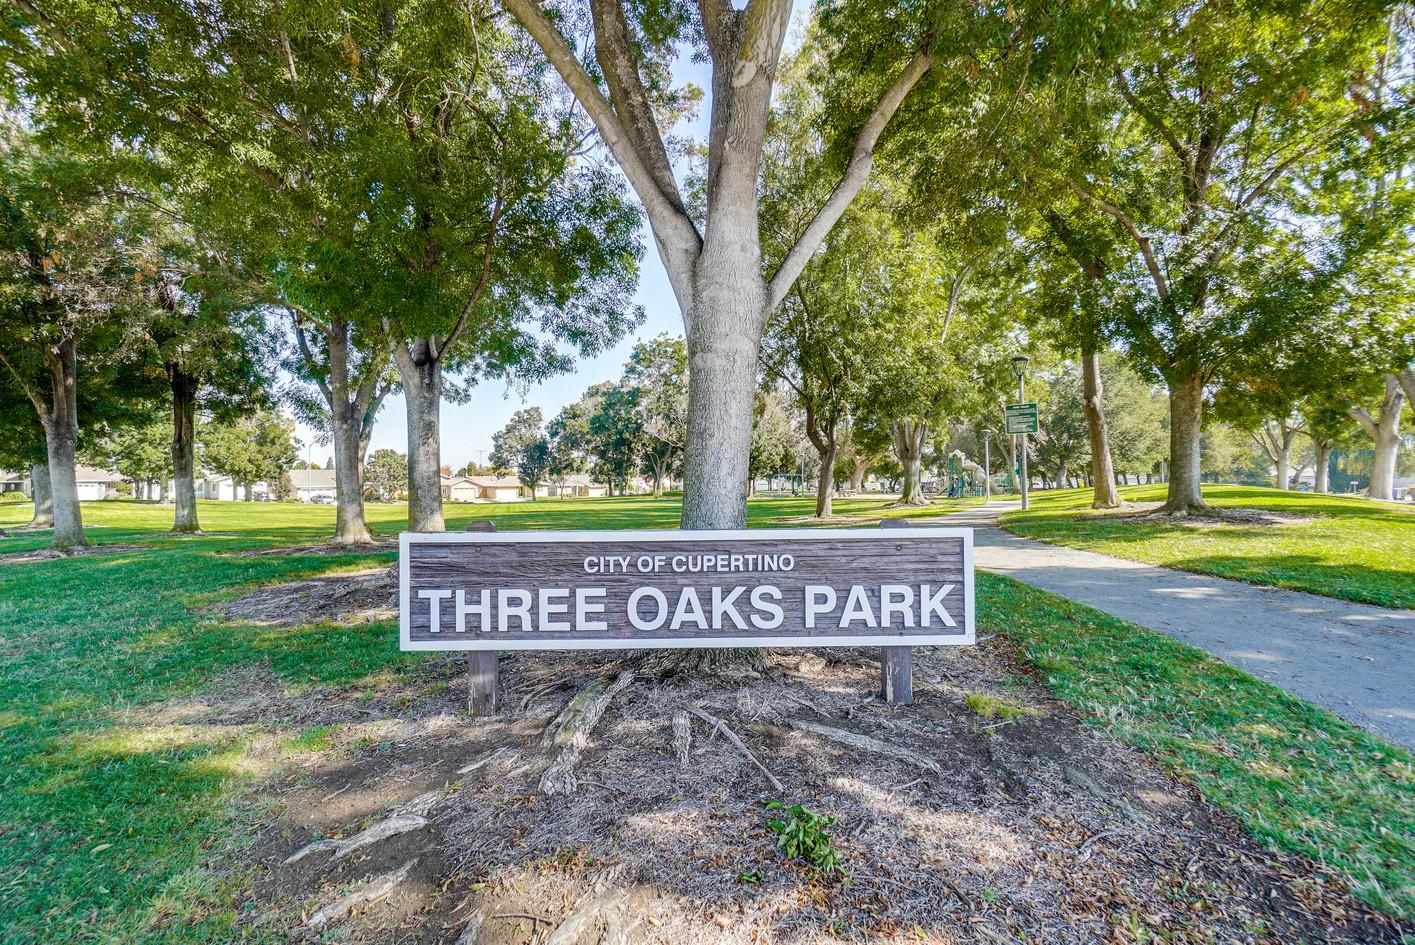 Three Oaks Park